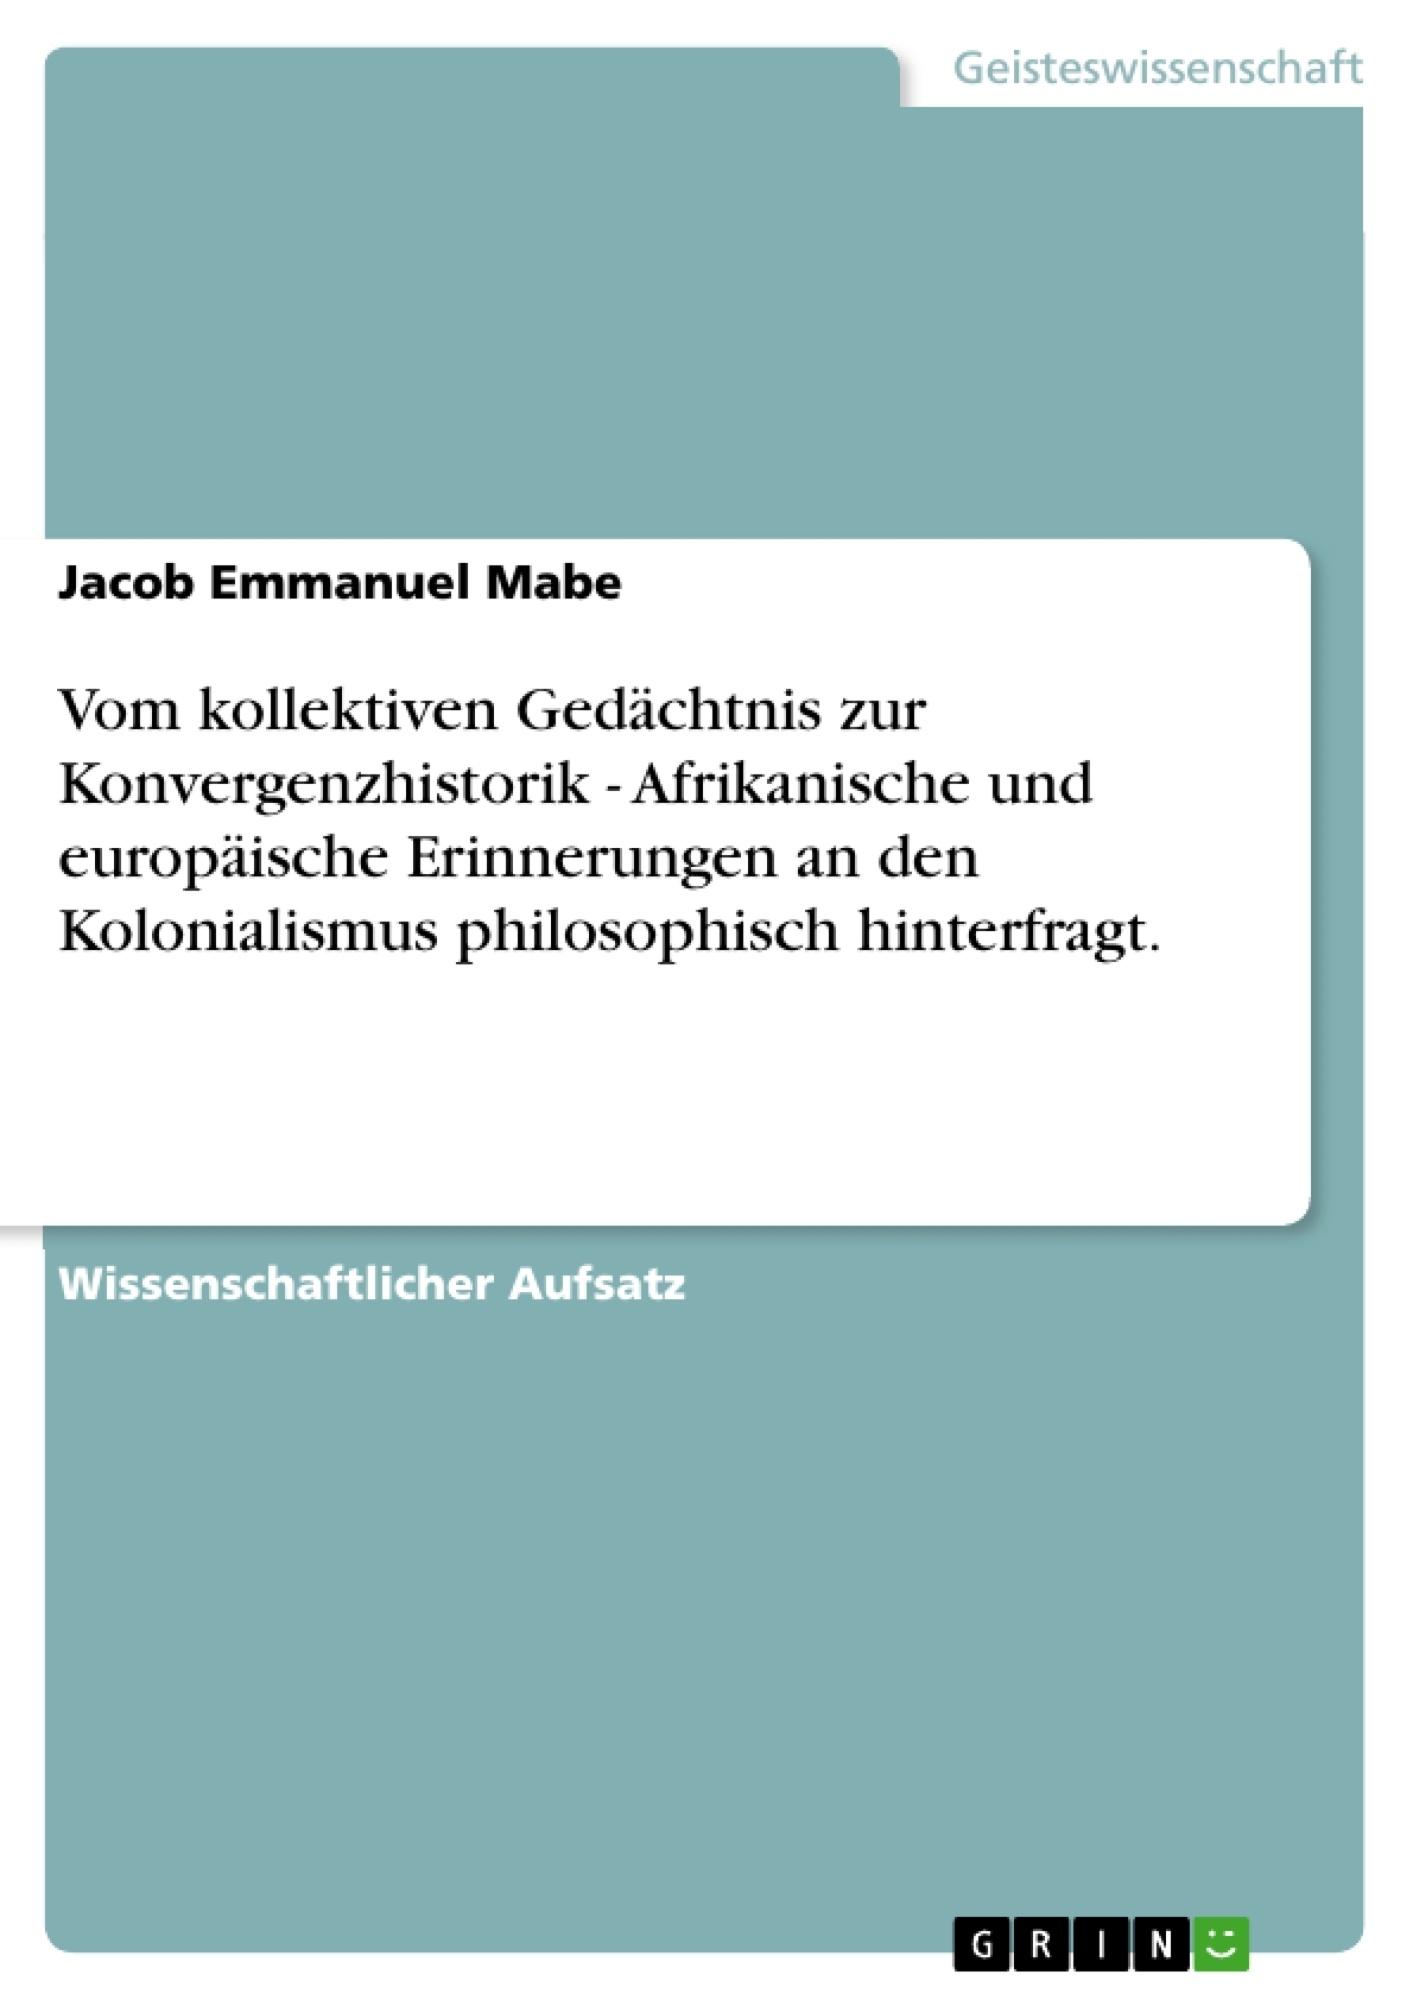 Titel: Vom kollektiven Gedächtnis zur Konvergenzhistorik - Afrikanische und europäische Erinnerungen an den Kolonialismus philosophisch hinterfragt.